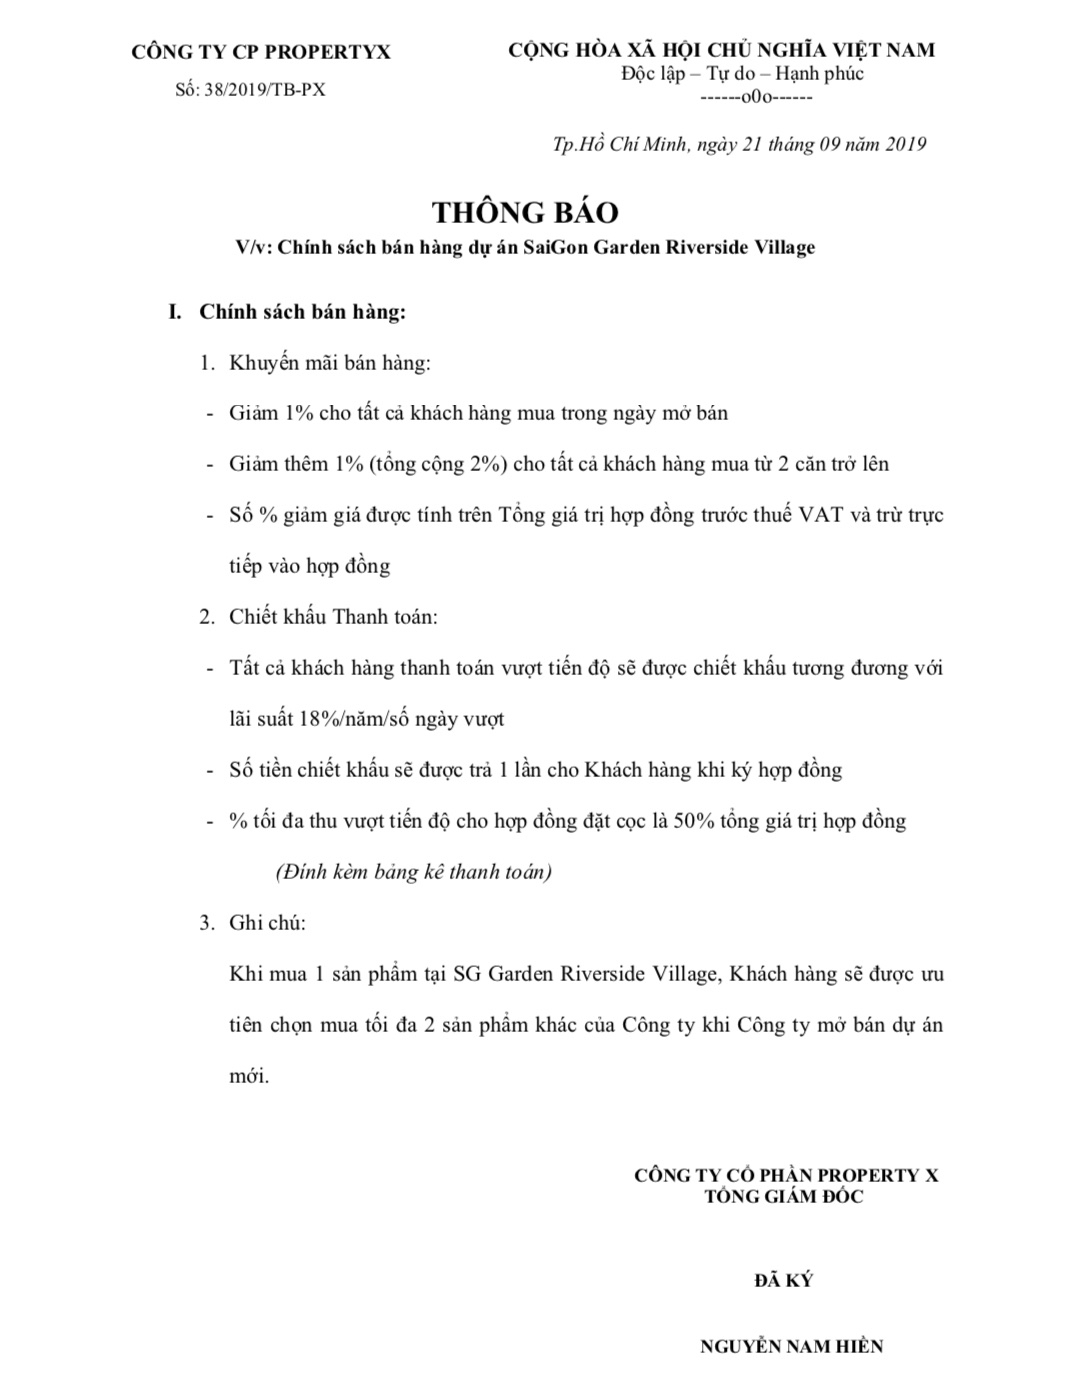 Chính sách khuyến mãi đang áp dụng tại dự án Saigon Garden Riverside Village